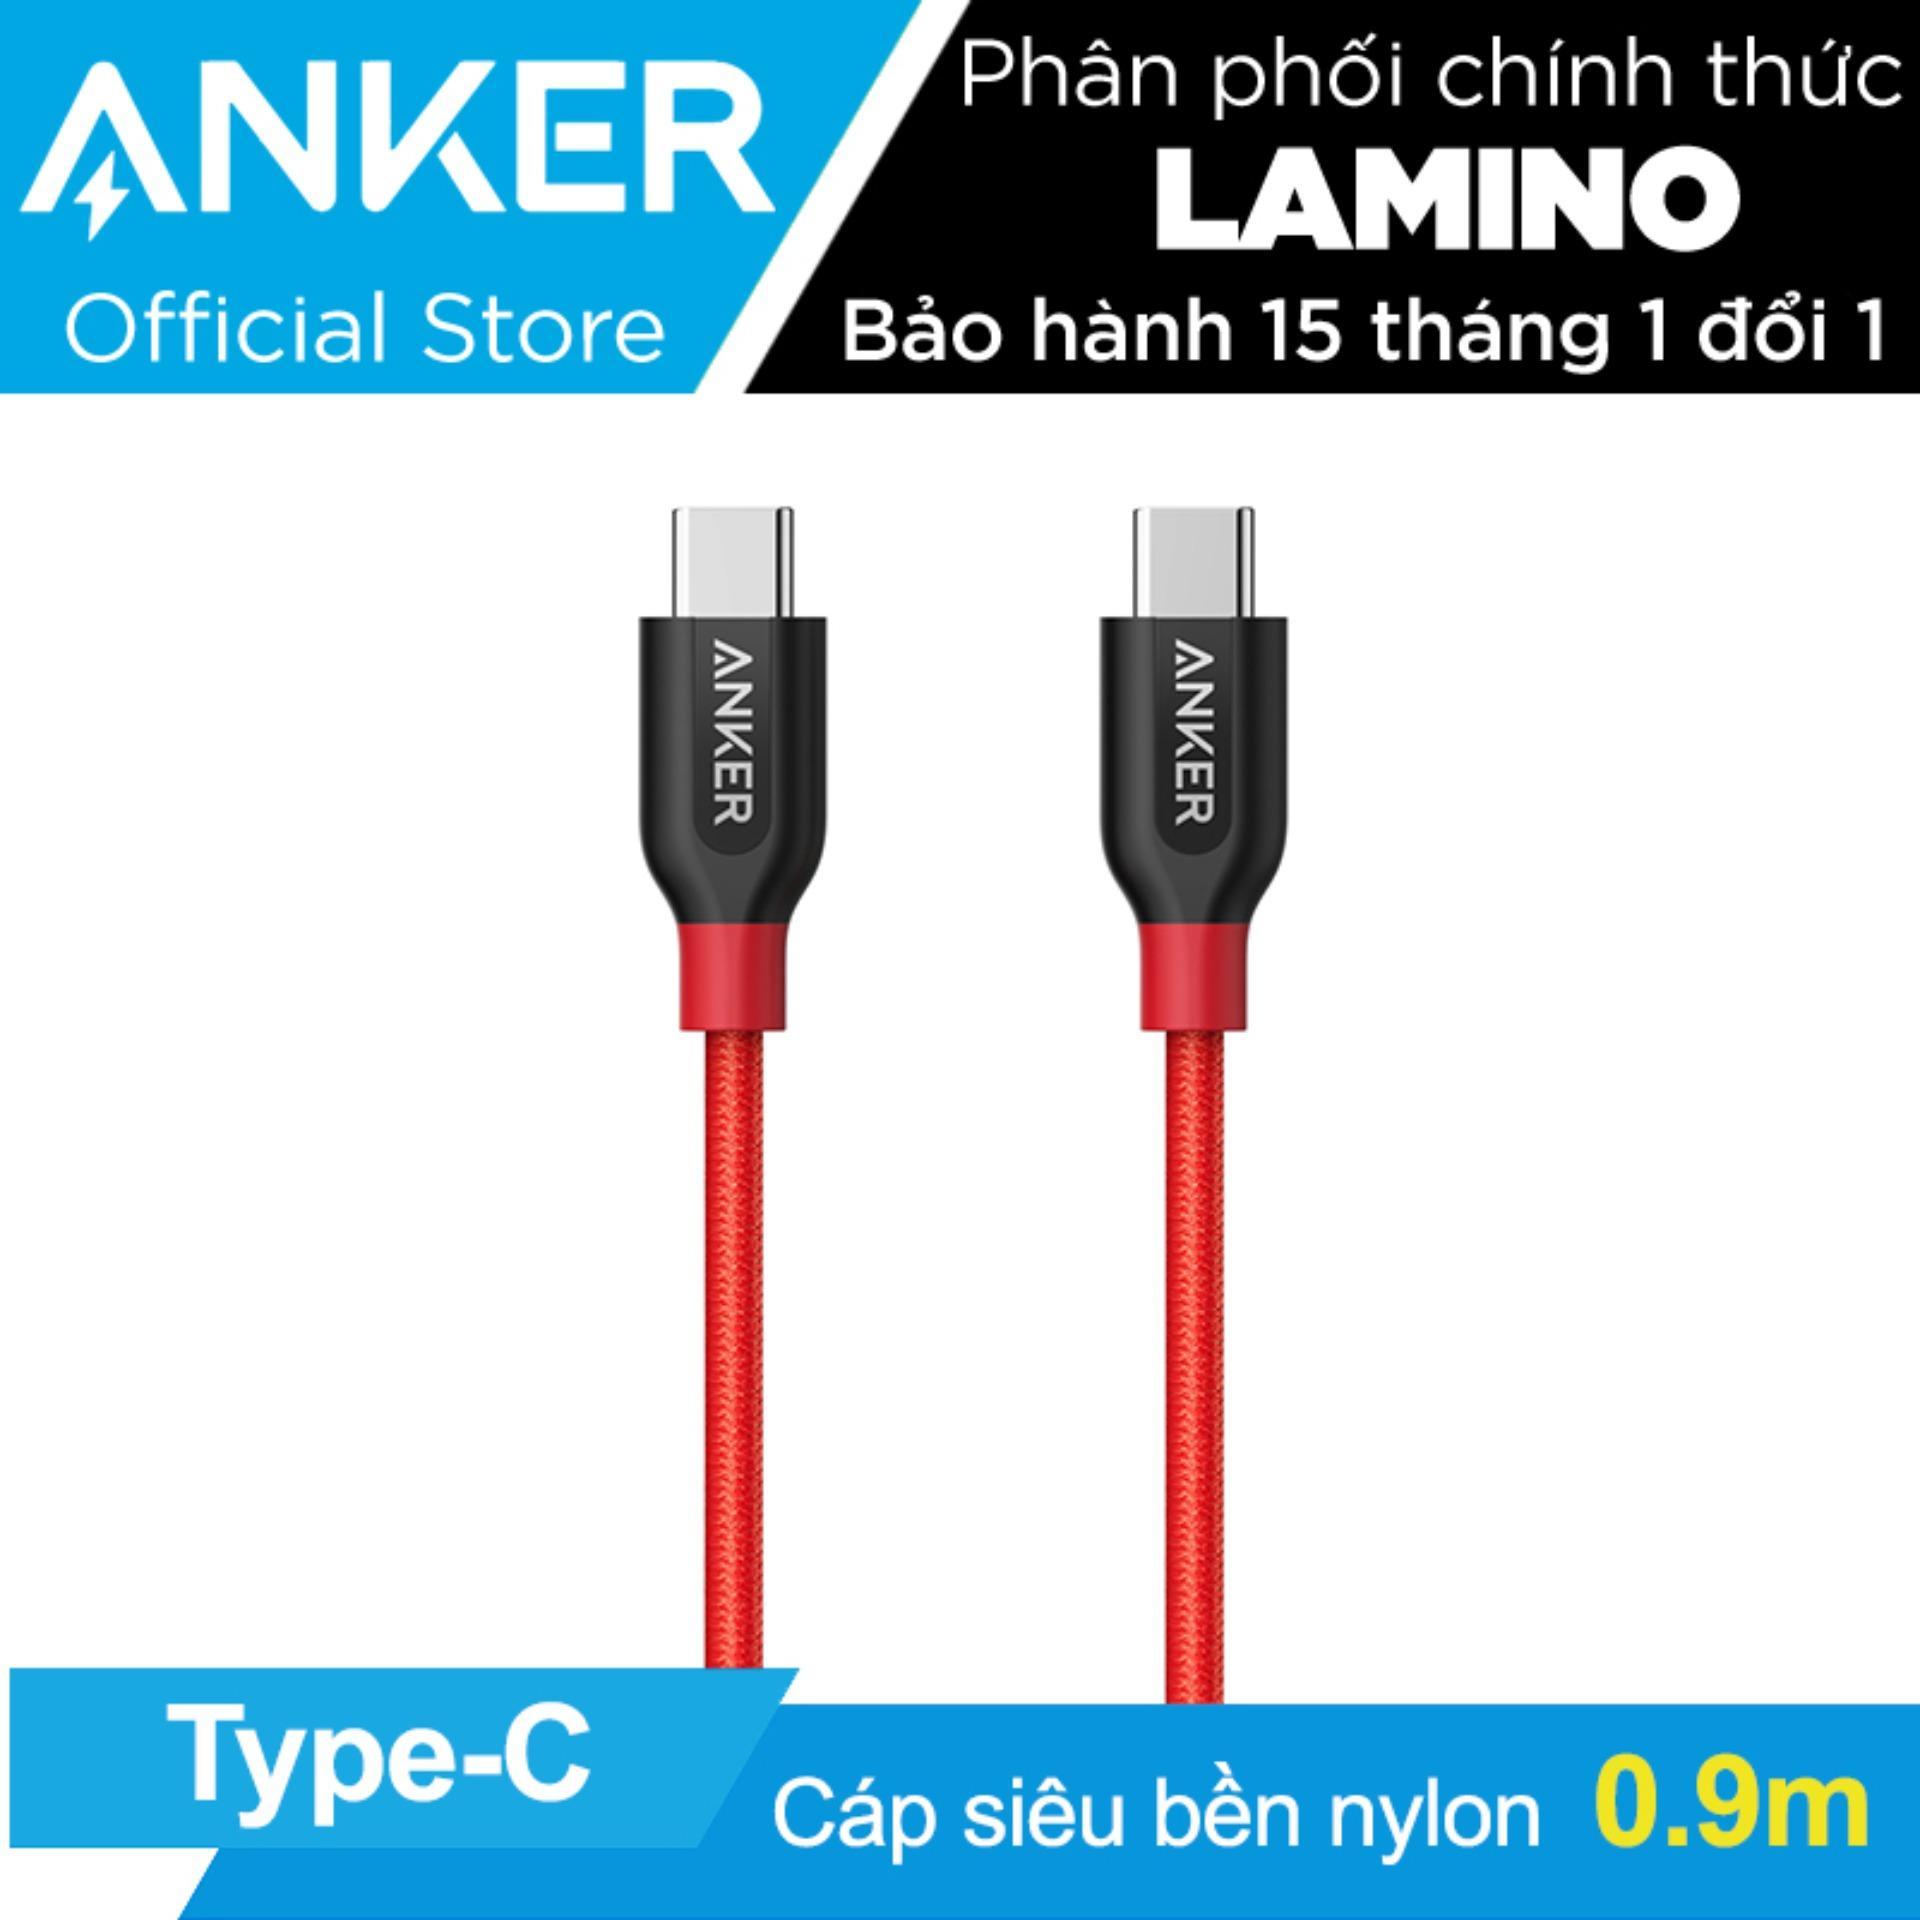 Ôn Tập Cap Sieu Bền Type C Anker Powerline Usb C Ra Usb C 2 Dai 9M Đỏ Hang Phan Phối Chinh Thức Anker